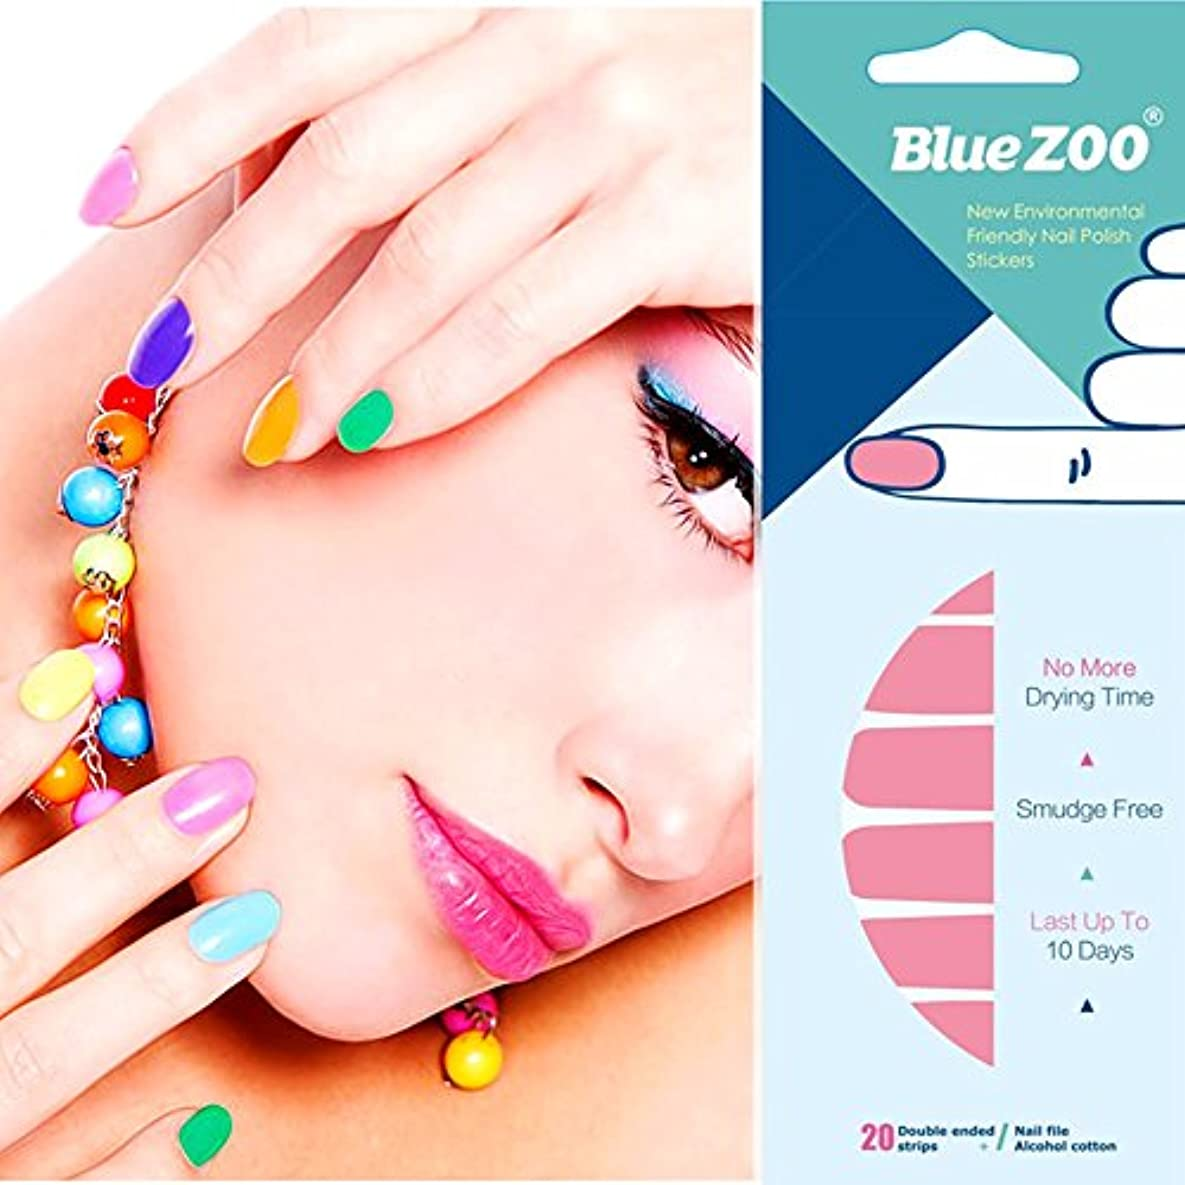 大通り義務づける男らしいBlueZOO (ブルーズー) ネイル シール ステッカー 高品質の 純色の ネイル ペースト 20個/枚 貼るだけマニキュア